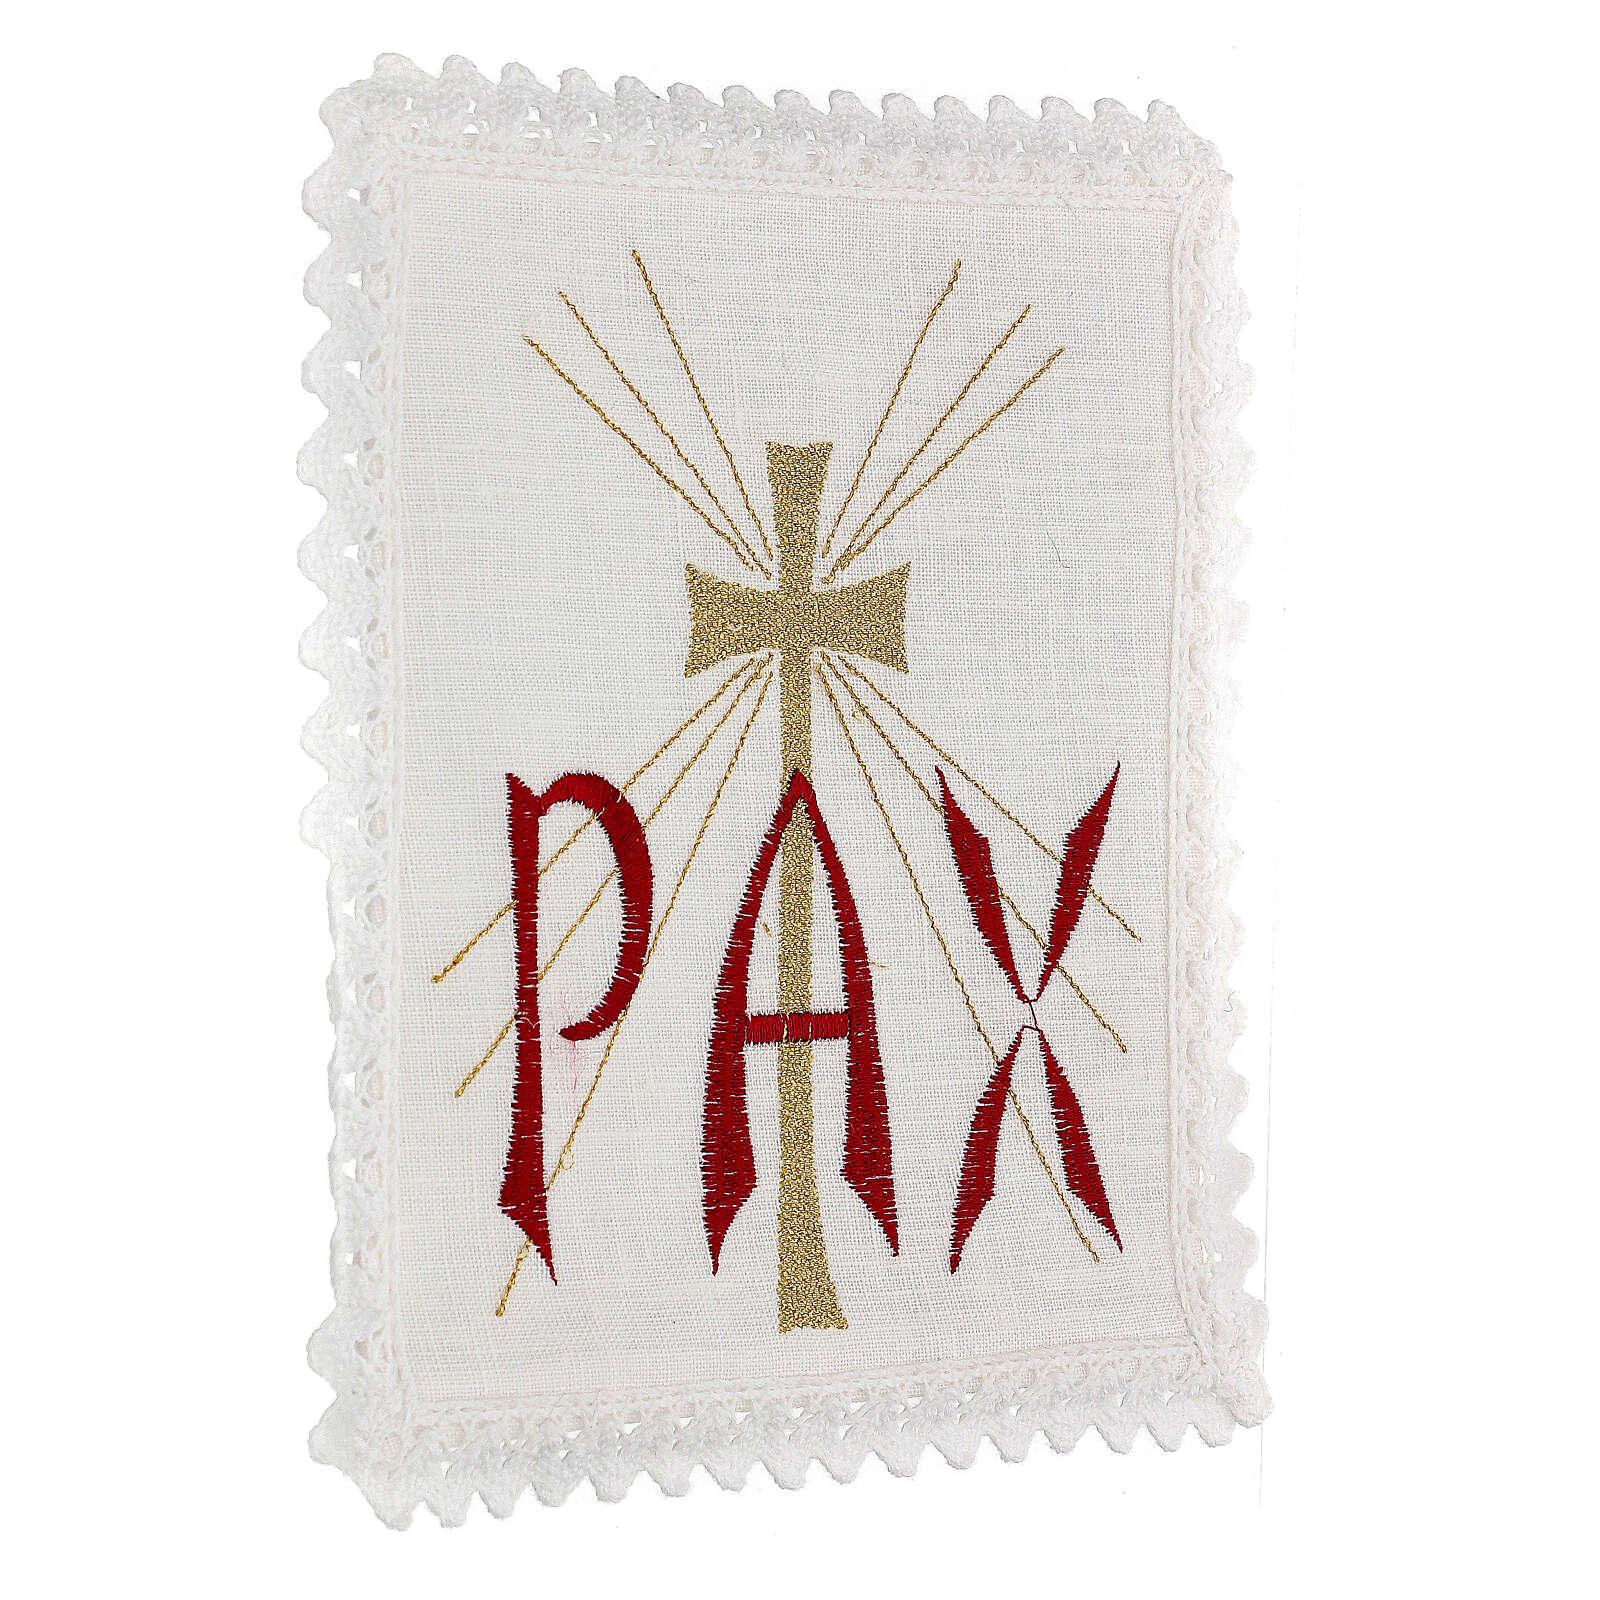 Servizio da altare lino scritta PAX rossa e croce dorata con raggi 4